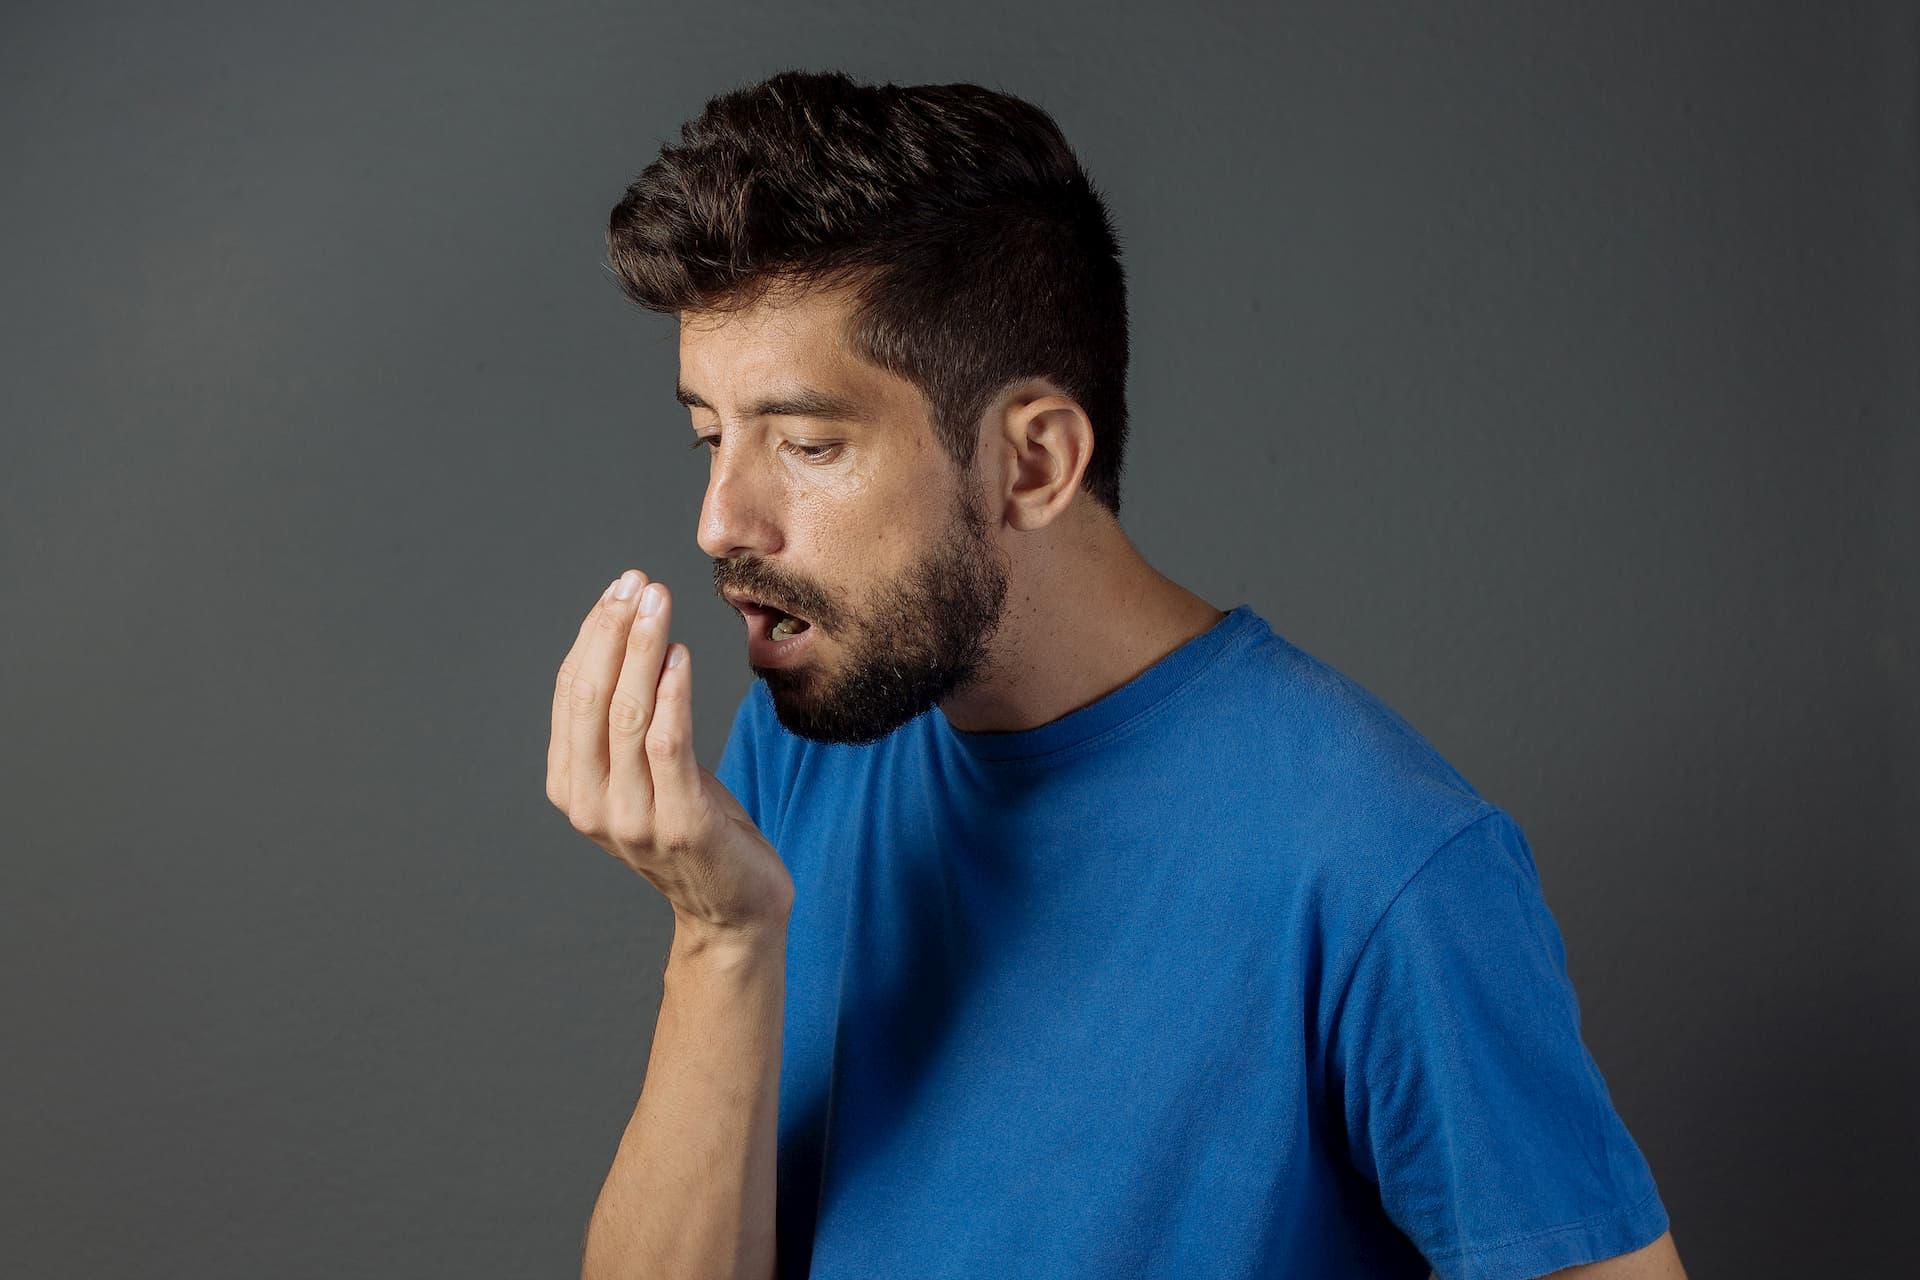 Bad-Breath-Halitosis-Concept